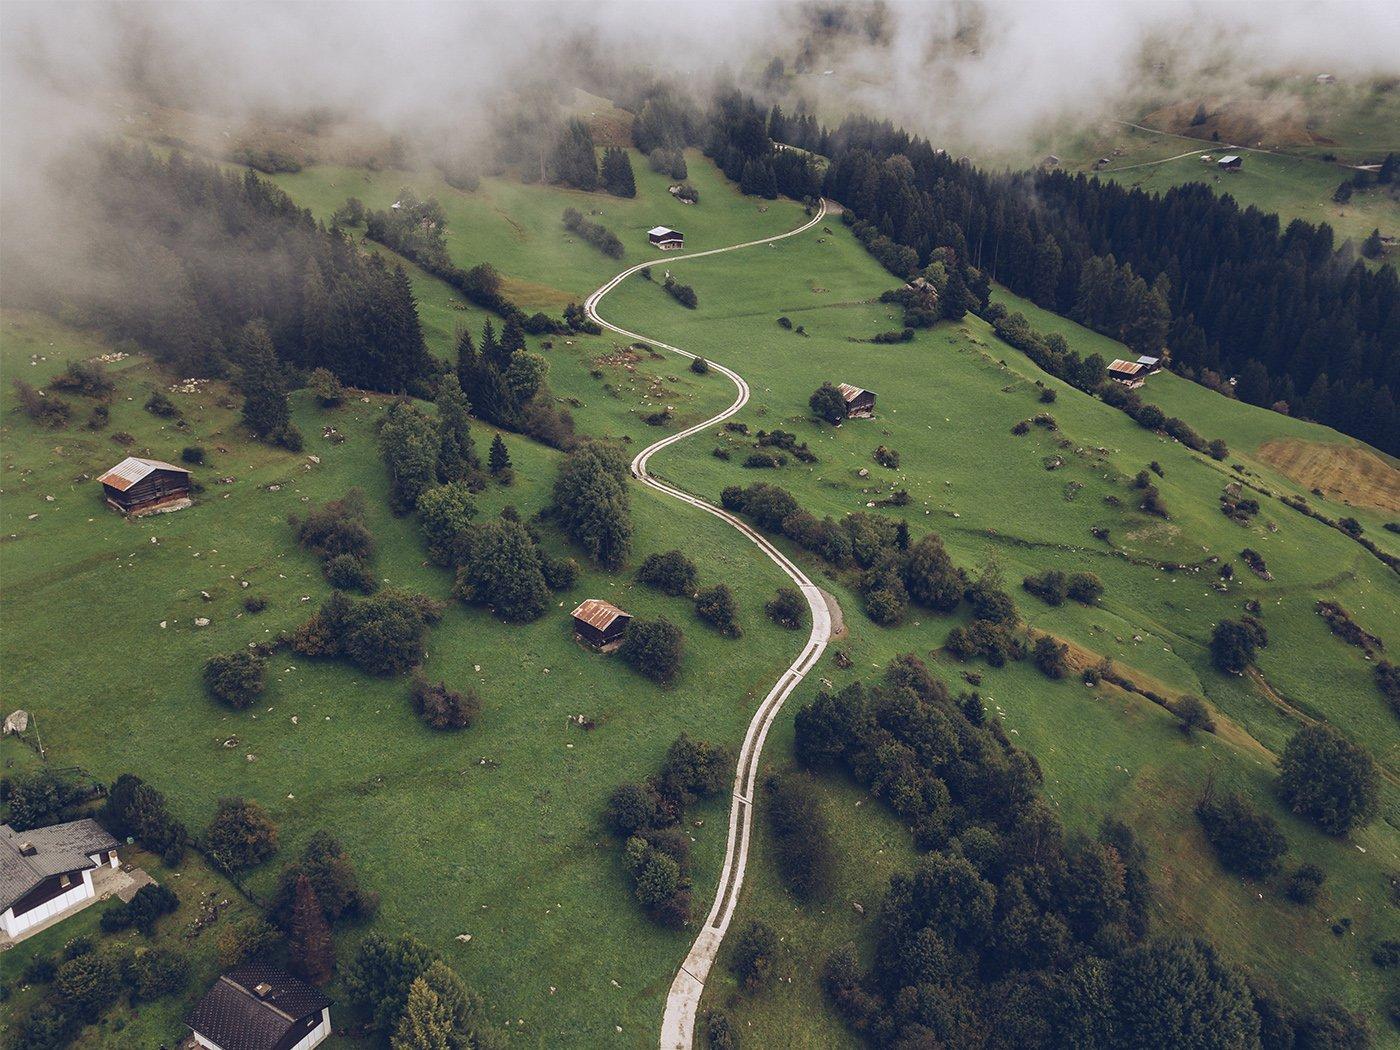 Mautgebuehren Schweiz Dorf Wohnmobil